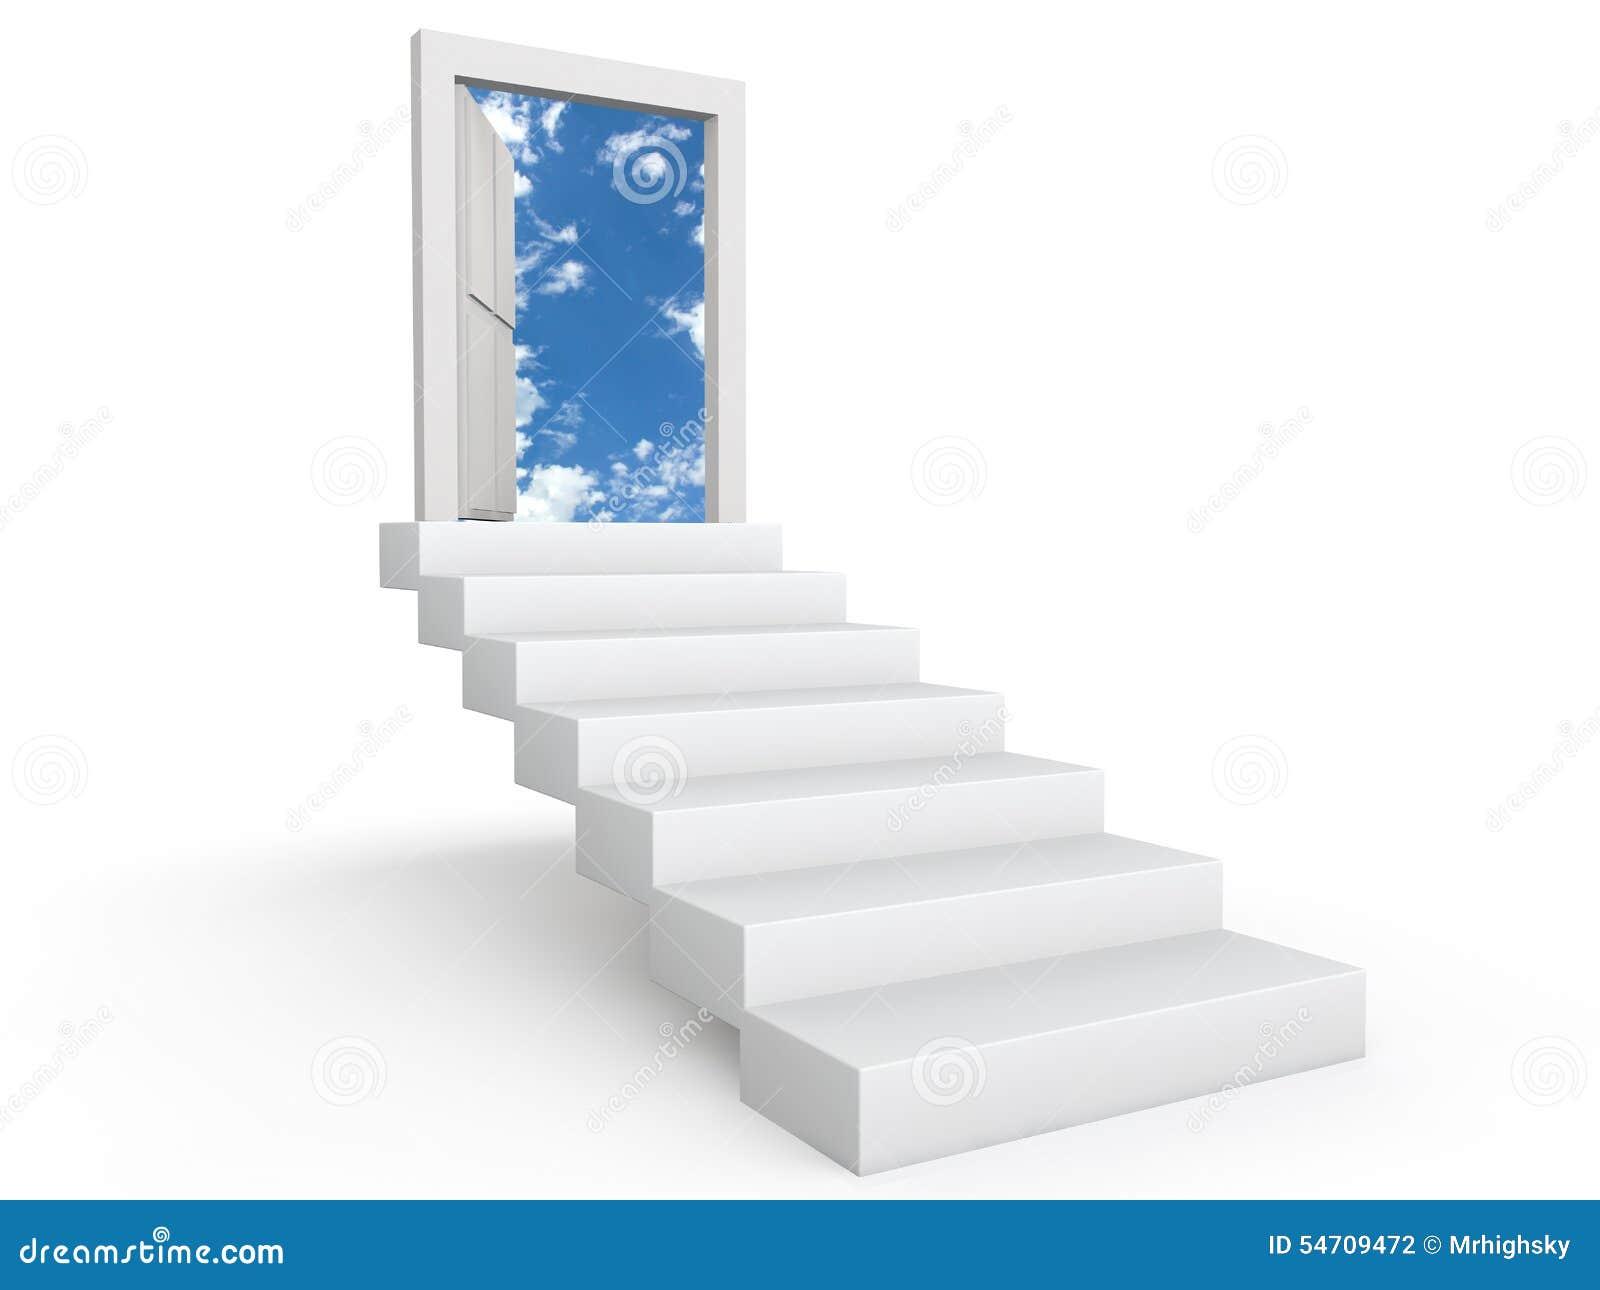 Stairs To Door In The Sky. 3d Render Of Stairs To Open Door In The